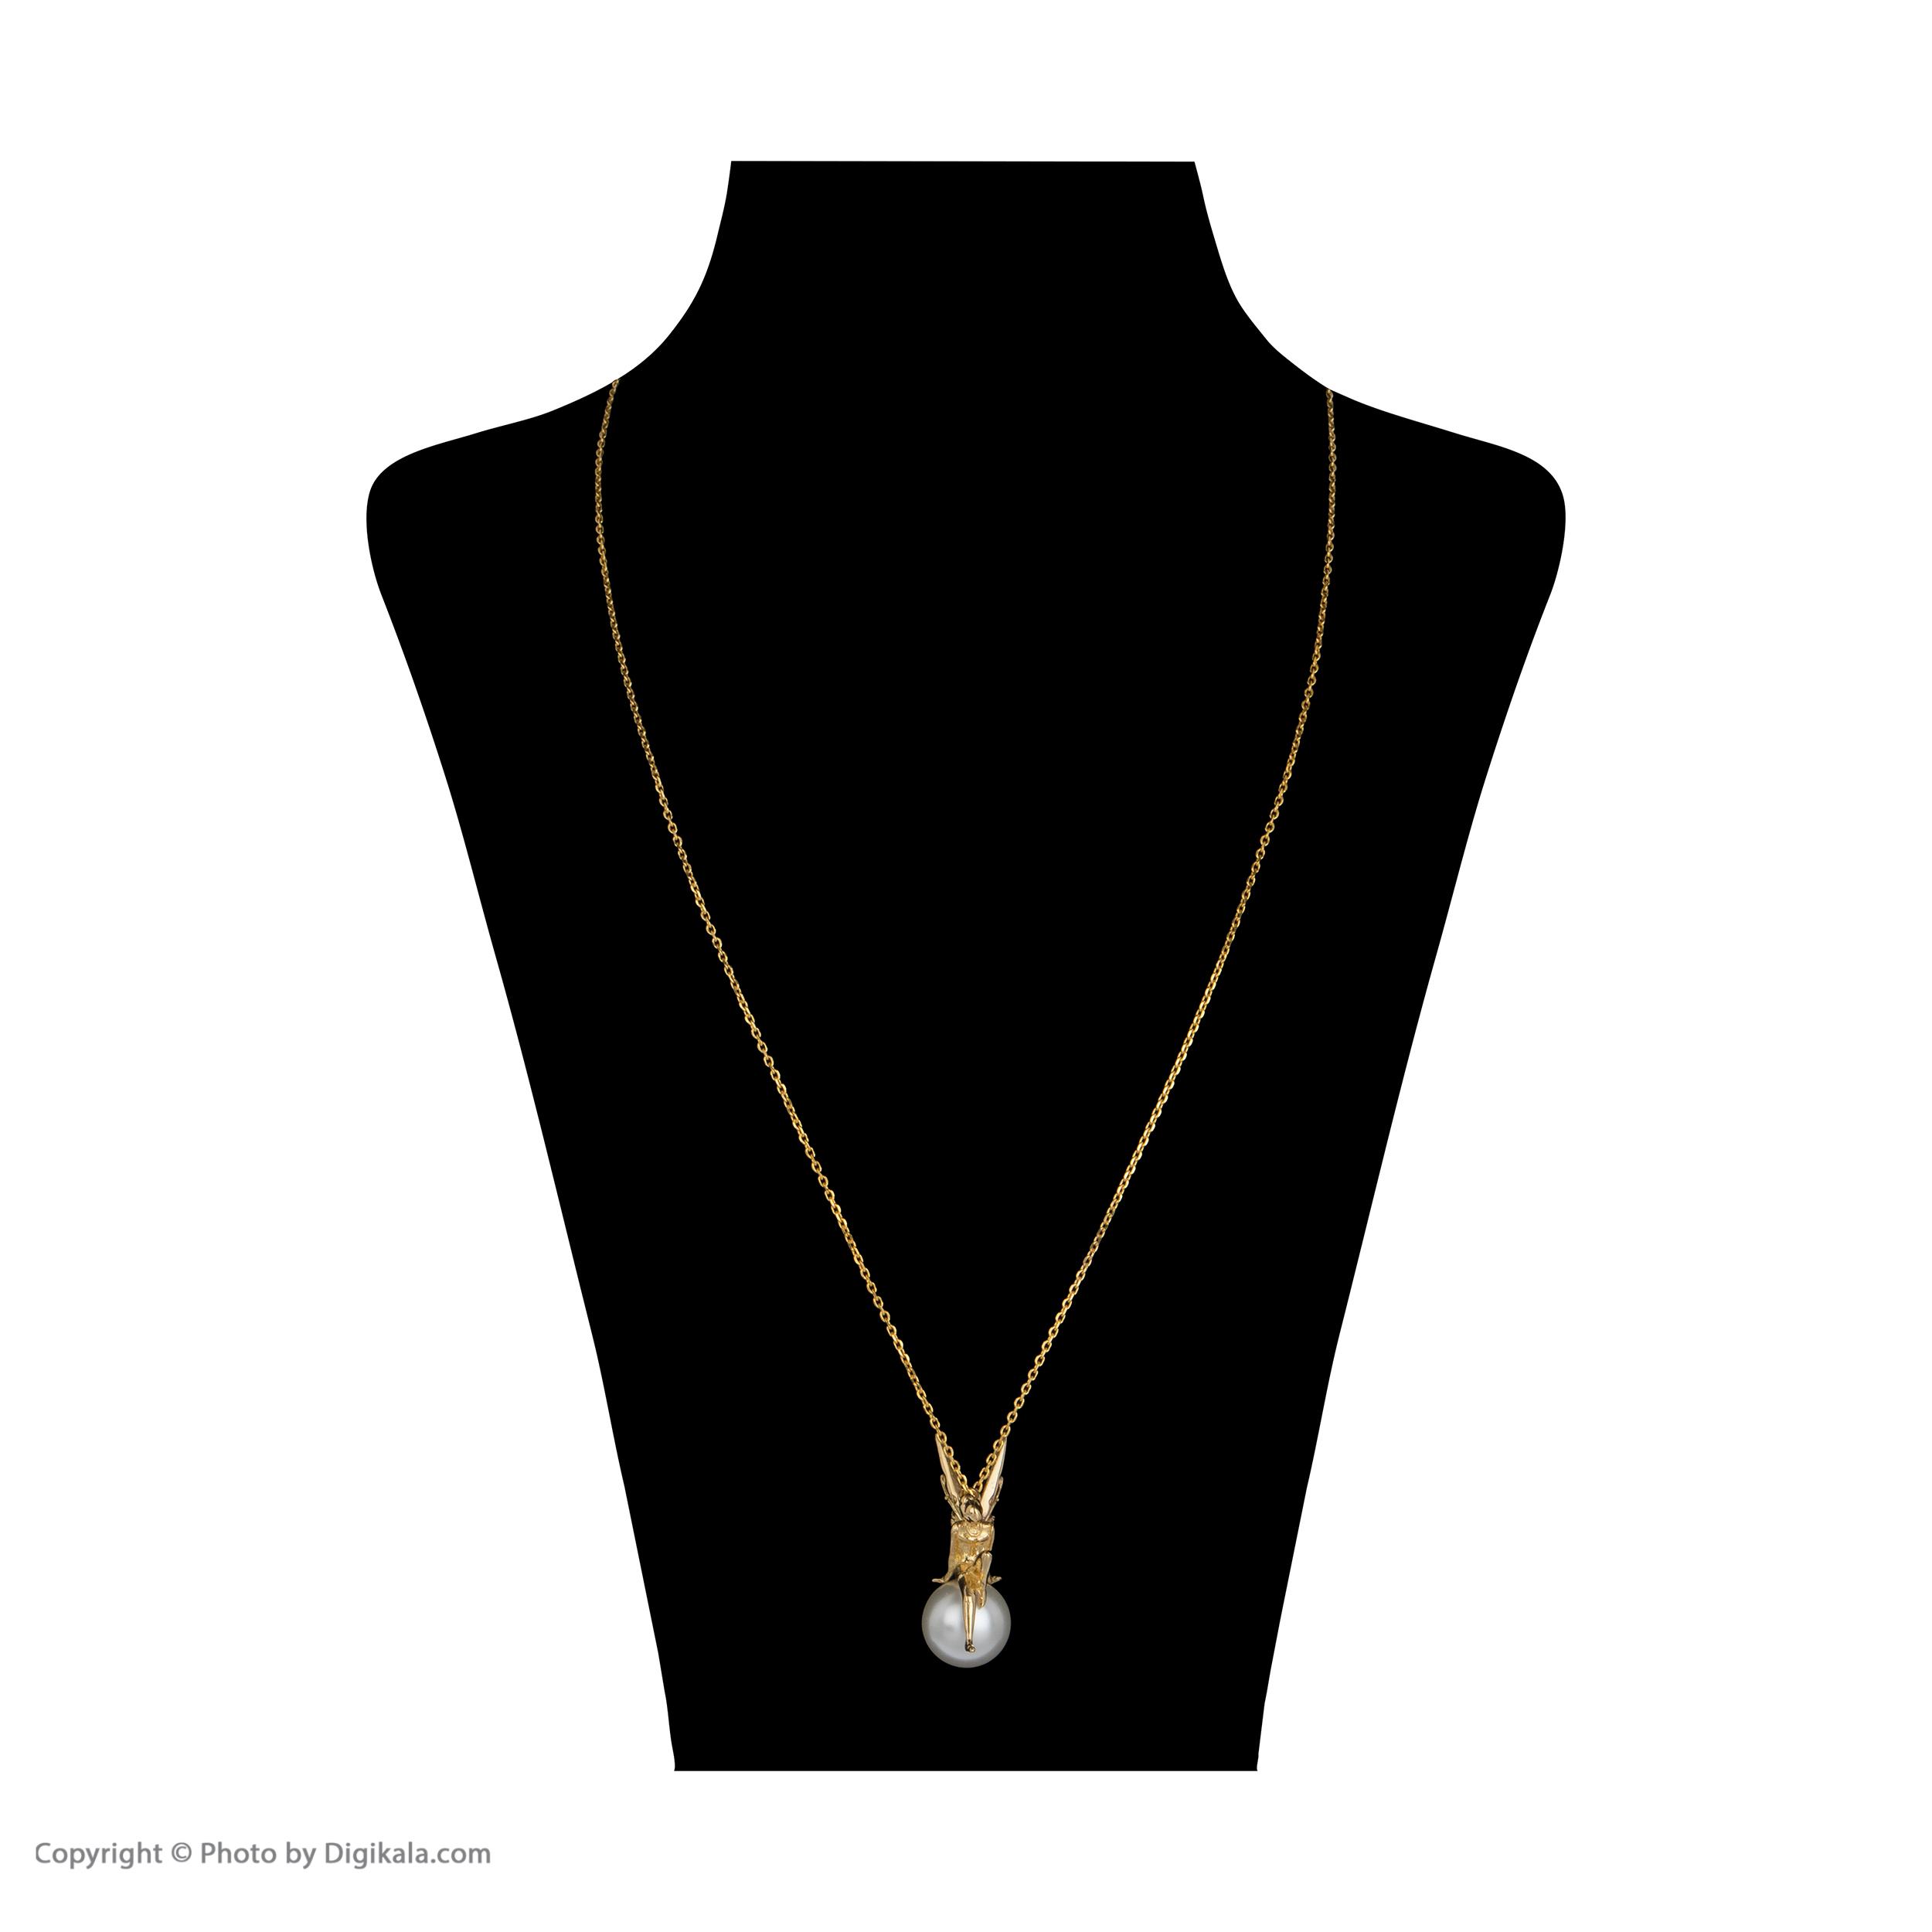 گردنبند طلا 18 عیار زنانه سیودو مدل 119559 -  - 3